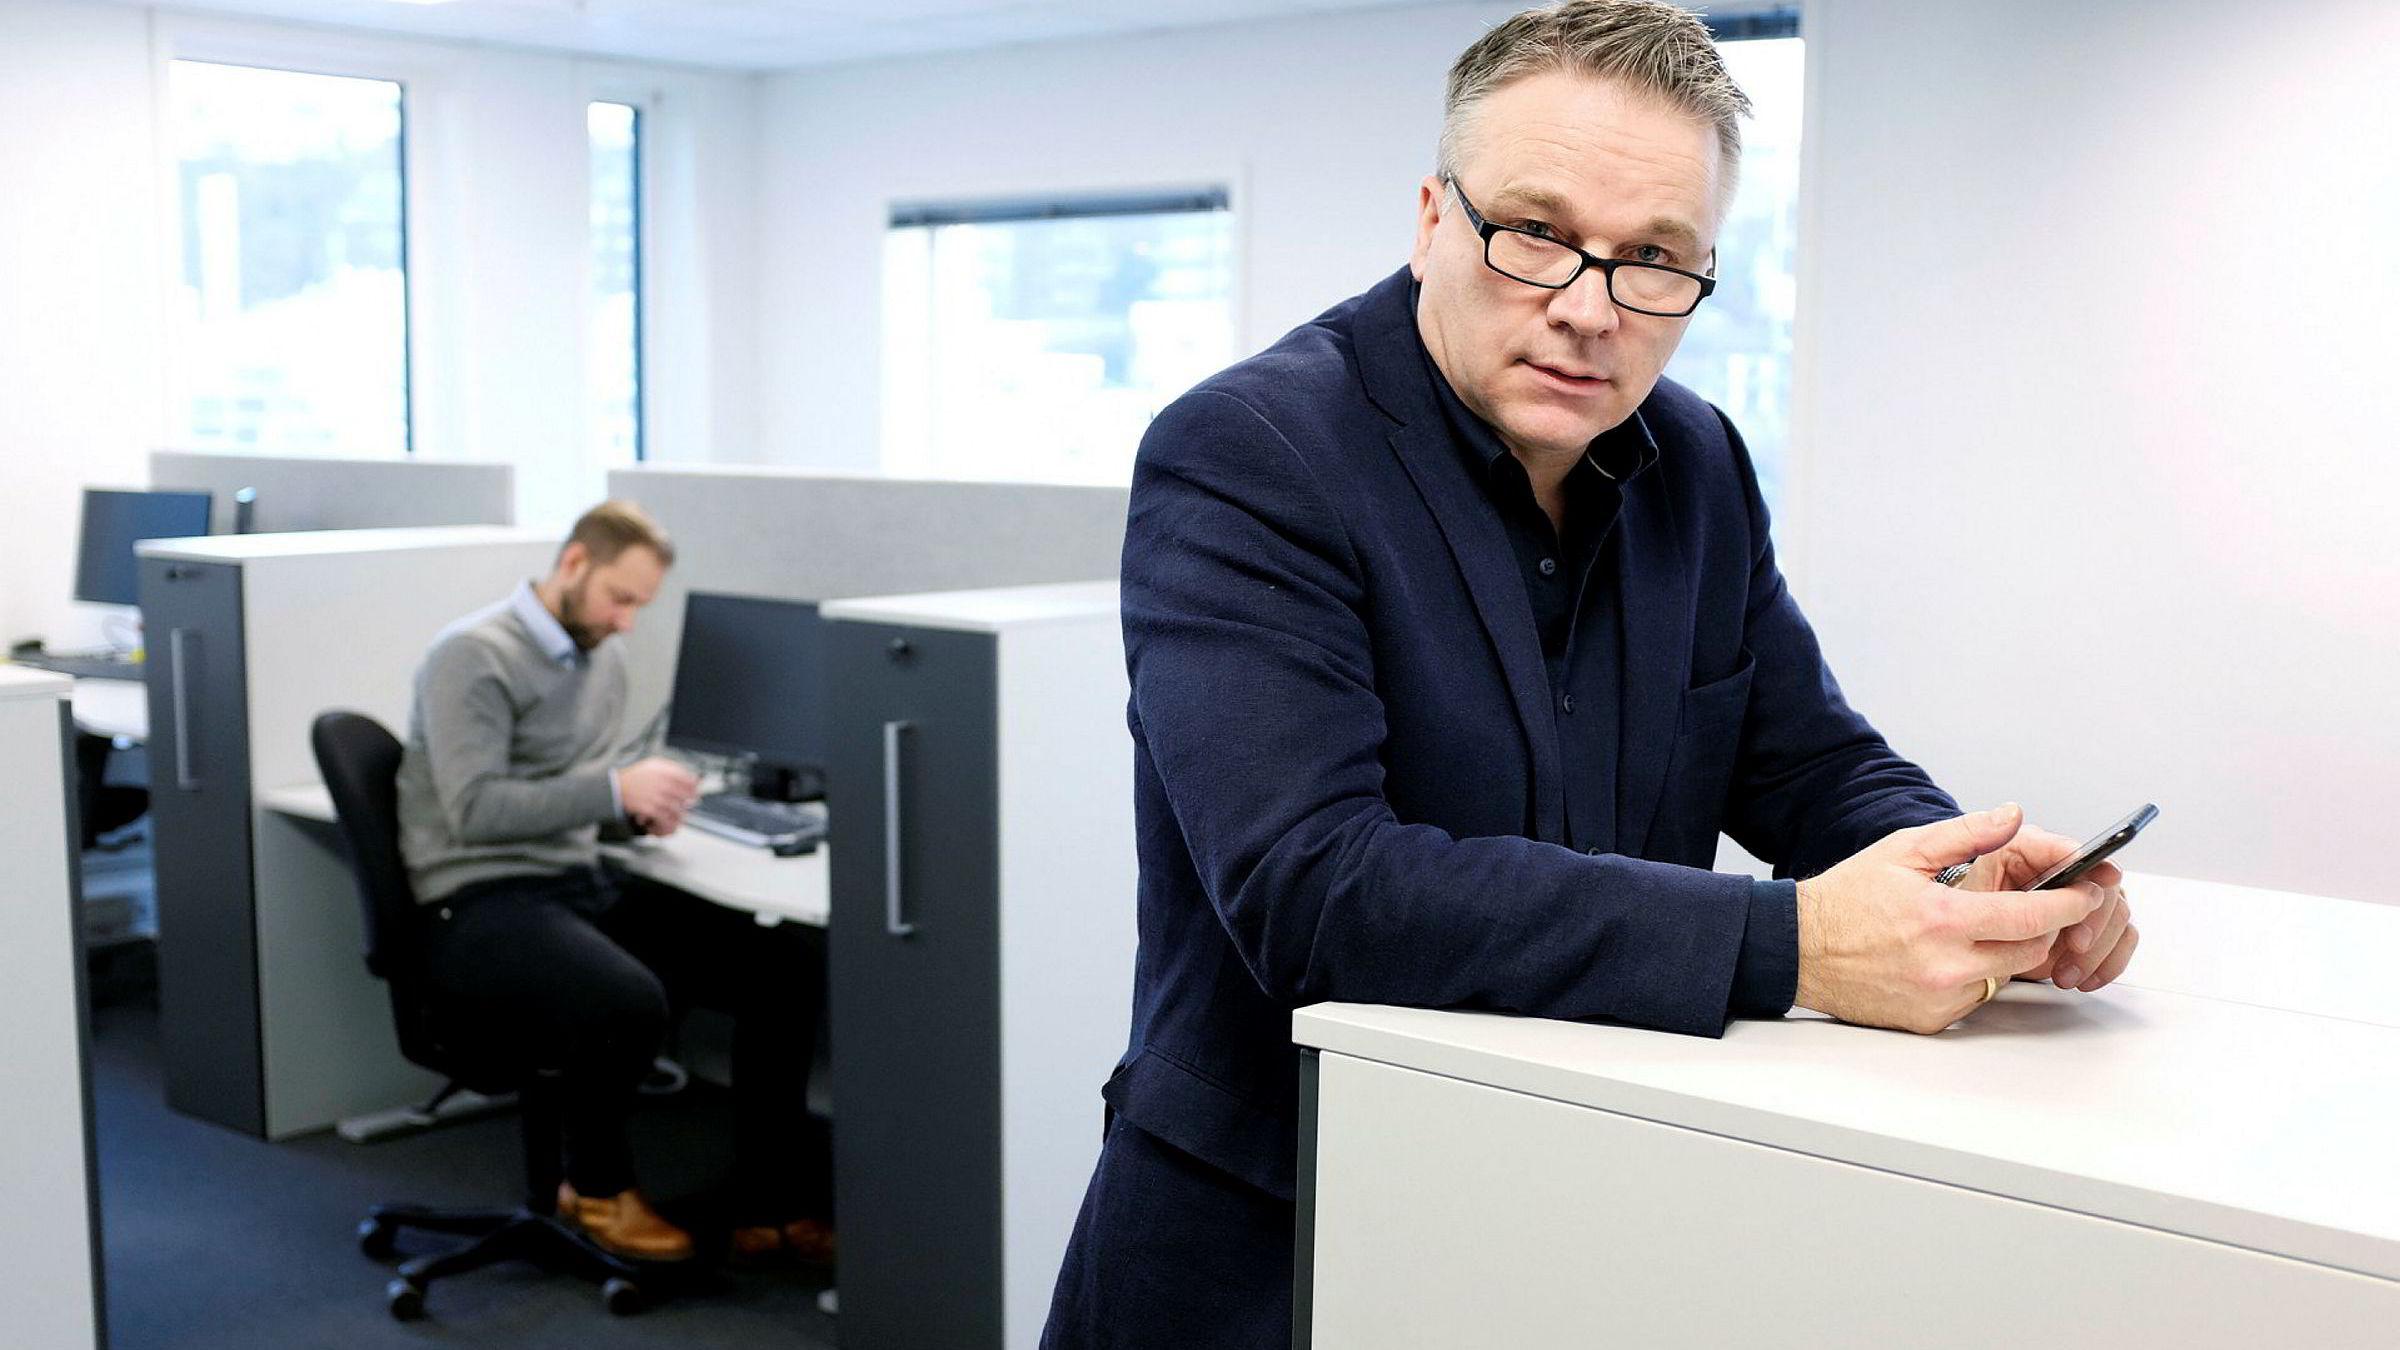 – Vi fikk tilsendt nye sim-kort i høst i posten, sier kommunikasjonssjef Christian Altmann i Nye Veier. I bakgrunnen er Thomas Jebsen Lundal, leder for regnskap.